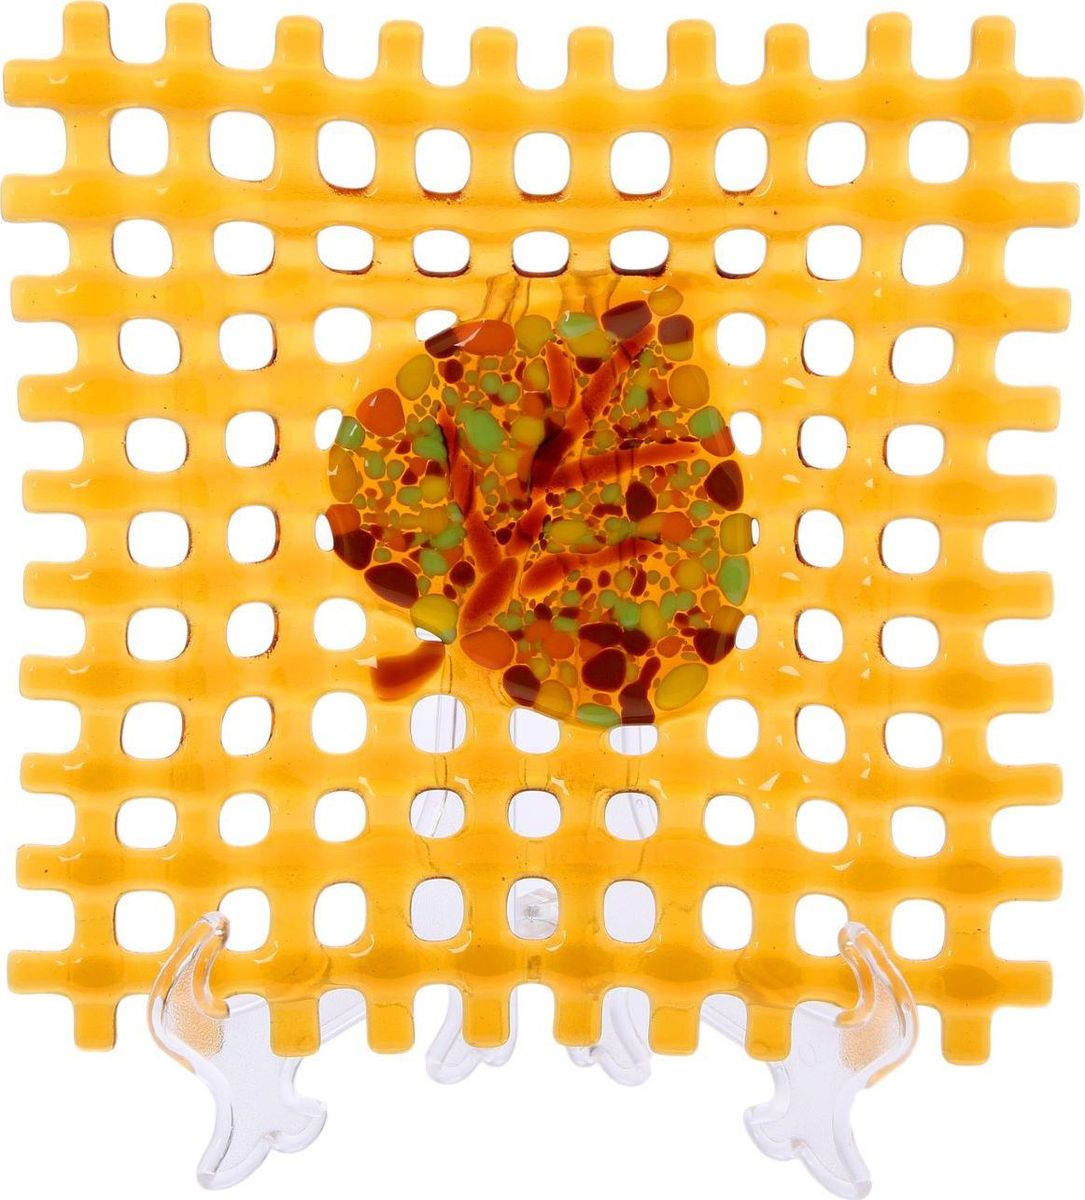 Тарелка декоративная Декостек Соломка, цвет: оранжевый, 21 см. 226176225051 7_желтыйОригинальная посуда — свидетельство особого отношения хозяев дома к гостям. Изделия изготовлены необычным образом: несколько видов стекла спекаются в печи при температуре около 800 градусов. В результате этого получается уникальный продукт, по внешнему виду сходный с витражом. Стекло, полученное с помощью фьюзинга, отличают особенная прозрачность и глубина цвета, оно сохраняет оттенок и не подвержено старению.Особенности предмета:тщательная обработка рельефа поверхности;высококачественный узор;высокая прочность – изделия можно мыть в посудомоечной машине.Такой предмет станет прекрасным подарком по любому случаю. В комплект входит подставка и декоративная коробка.